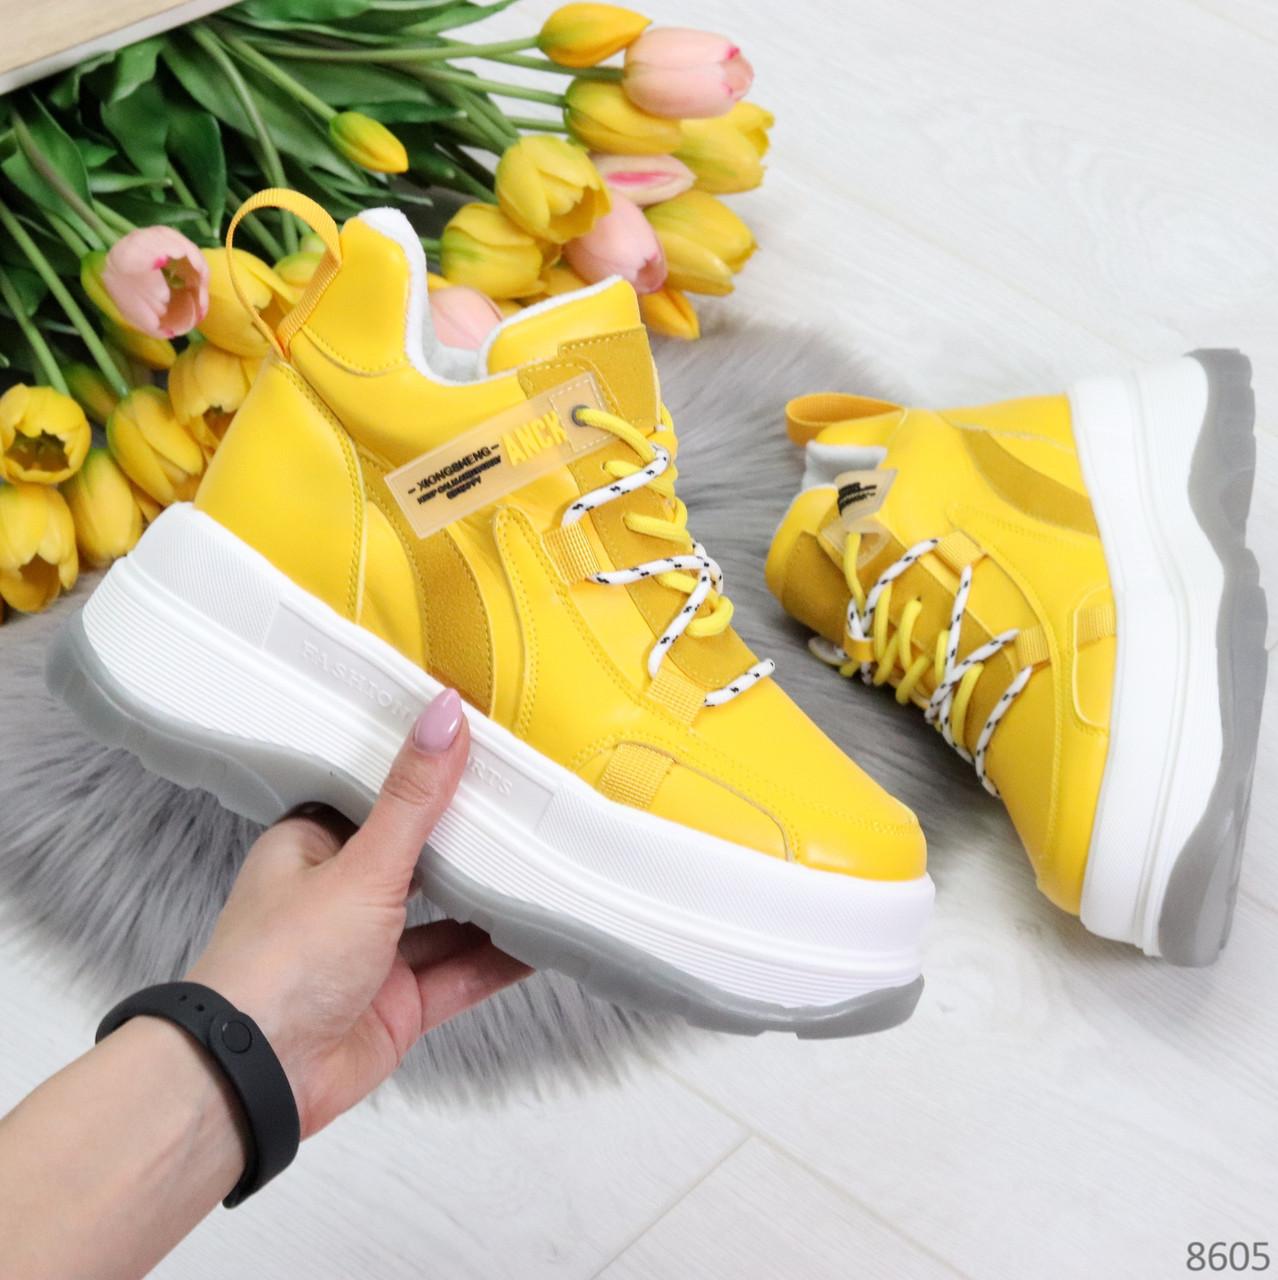 Модные трендовые желтые женские кроссовки на платформе на флисе на молнии